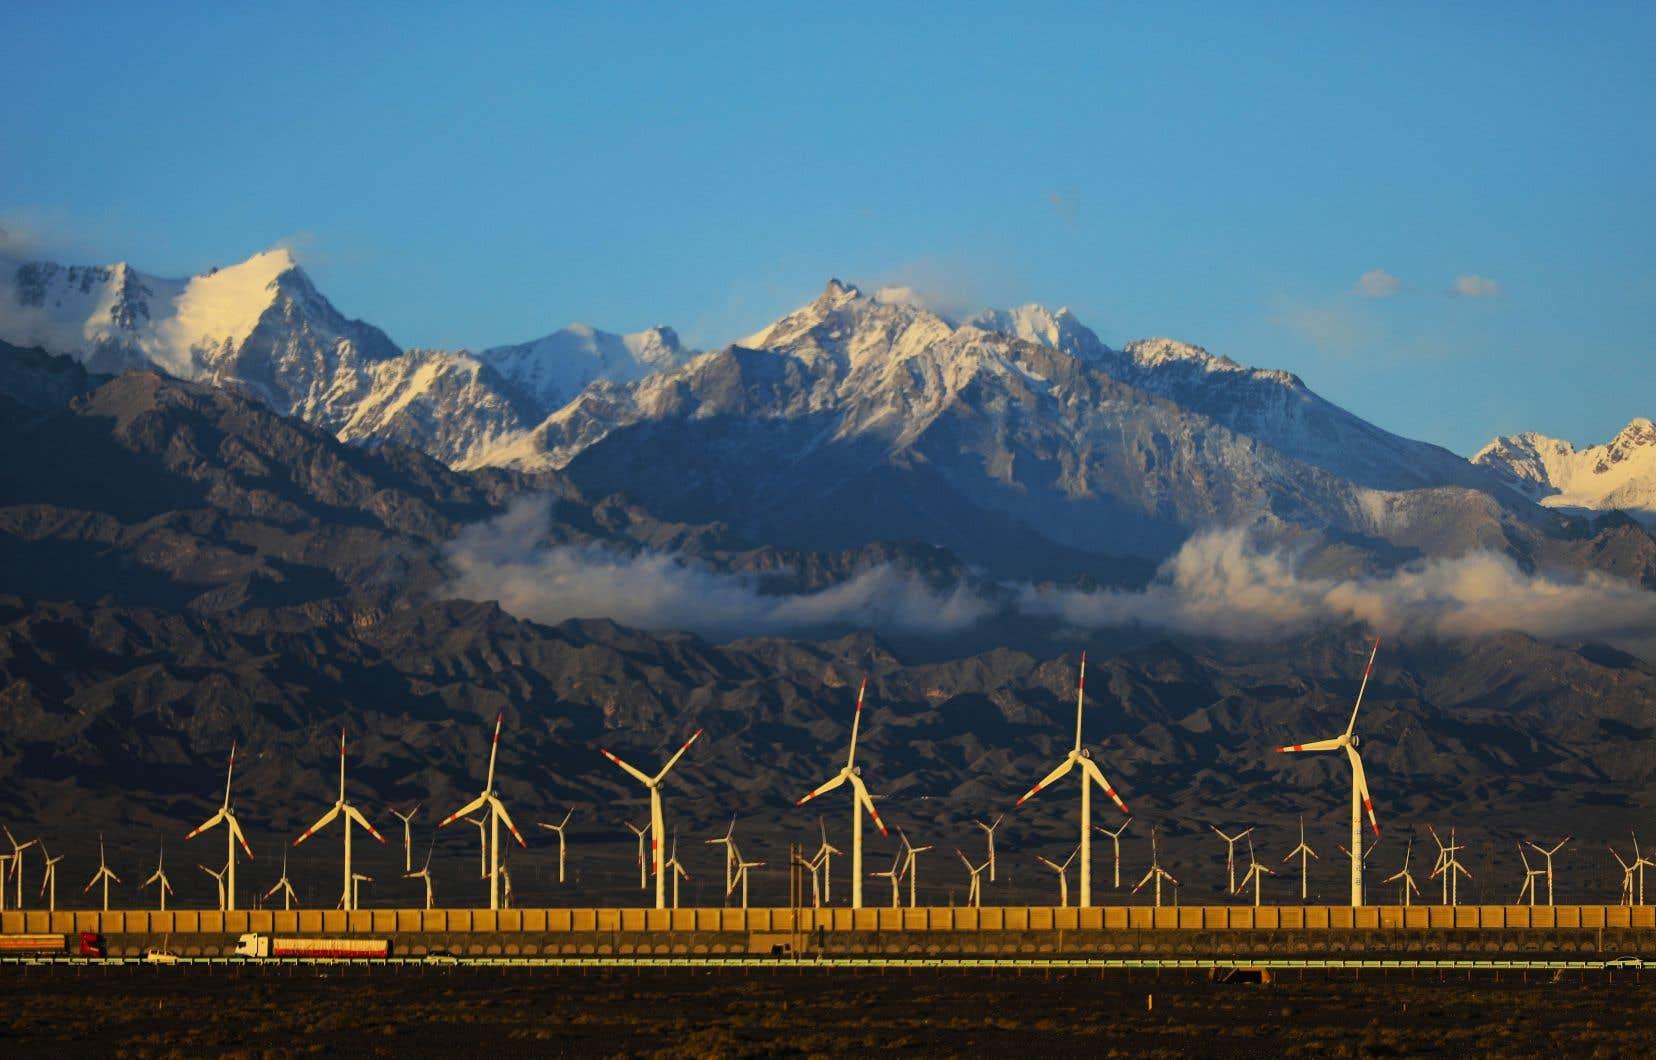 Une augmentation annuelle des investissements verts de l'ordre de 2% de la production mondiale pourrait entraîner la création nette d'au moins 170millions d'emplois et permettrait de favoriser une industrialisation respectueuse de l'environnement, notamment en investissant dans les énergies propres.